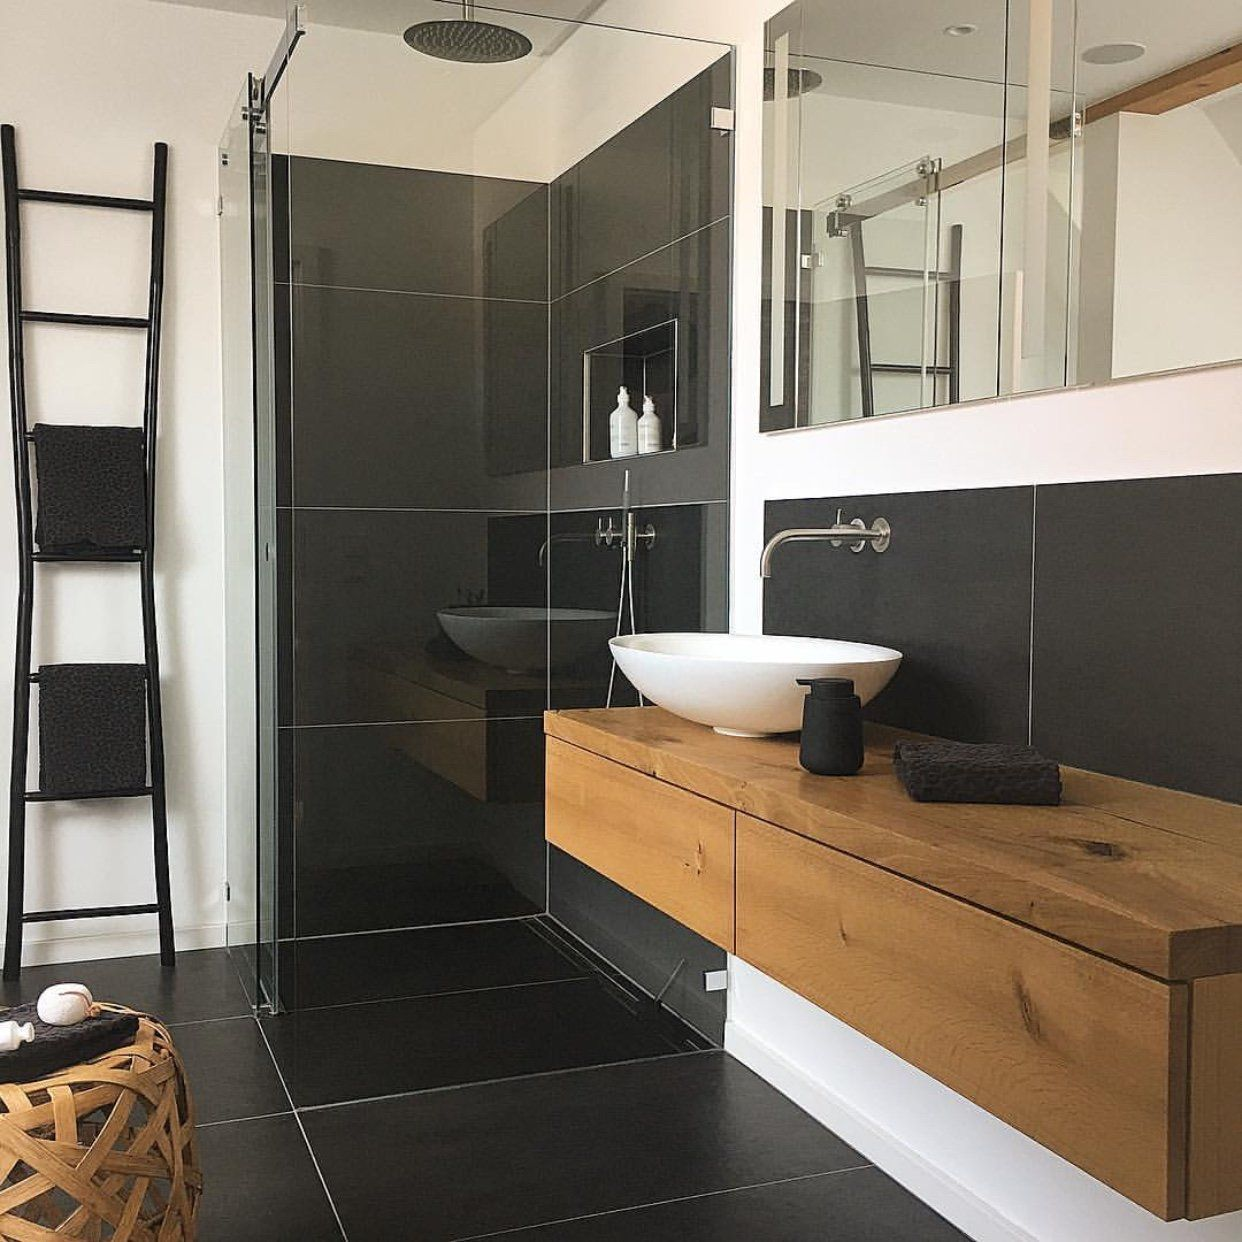 Die schönsten Badezimmer Ideen - Seite 29